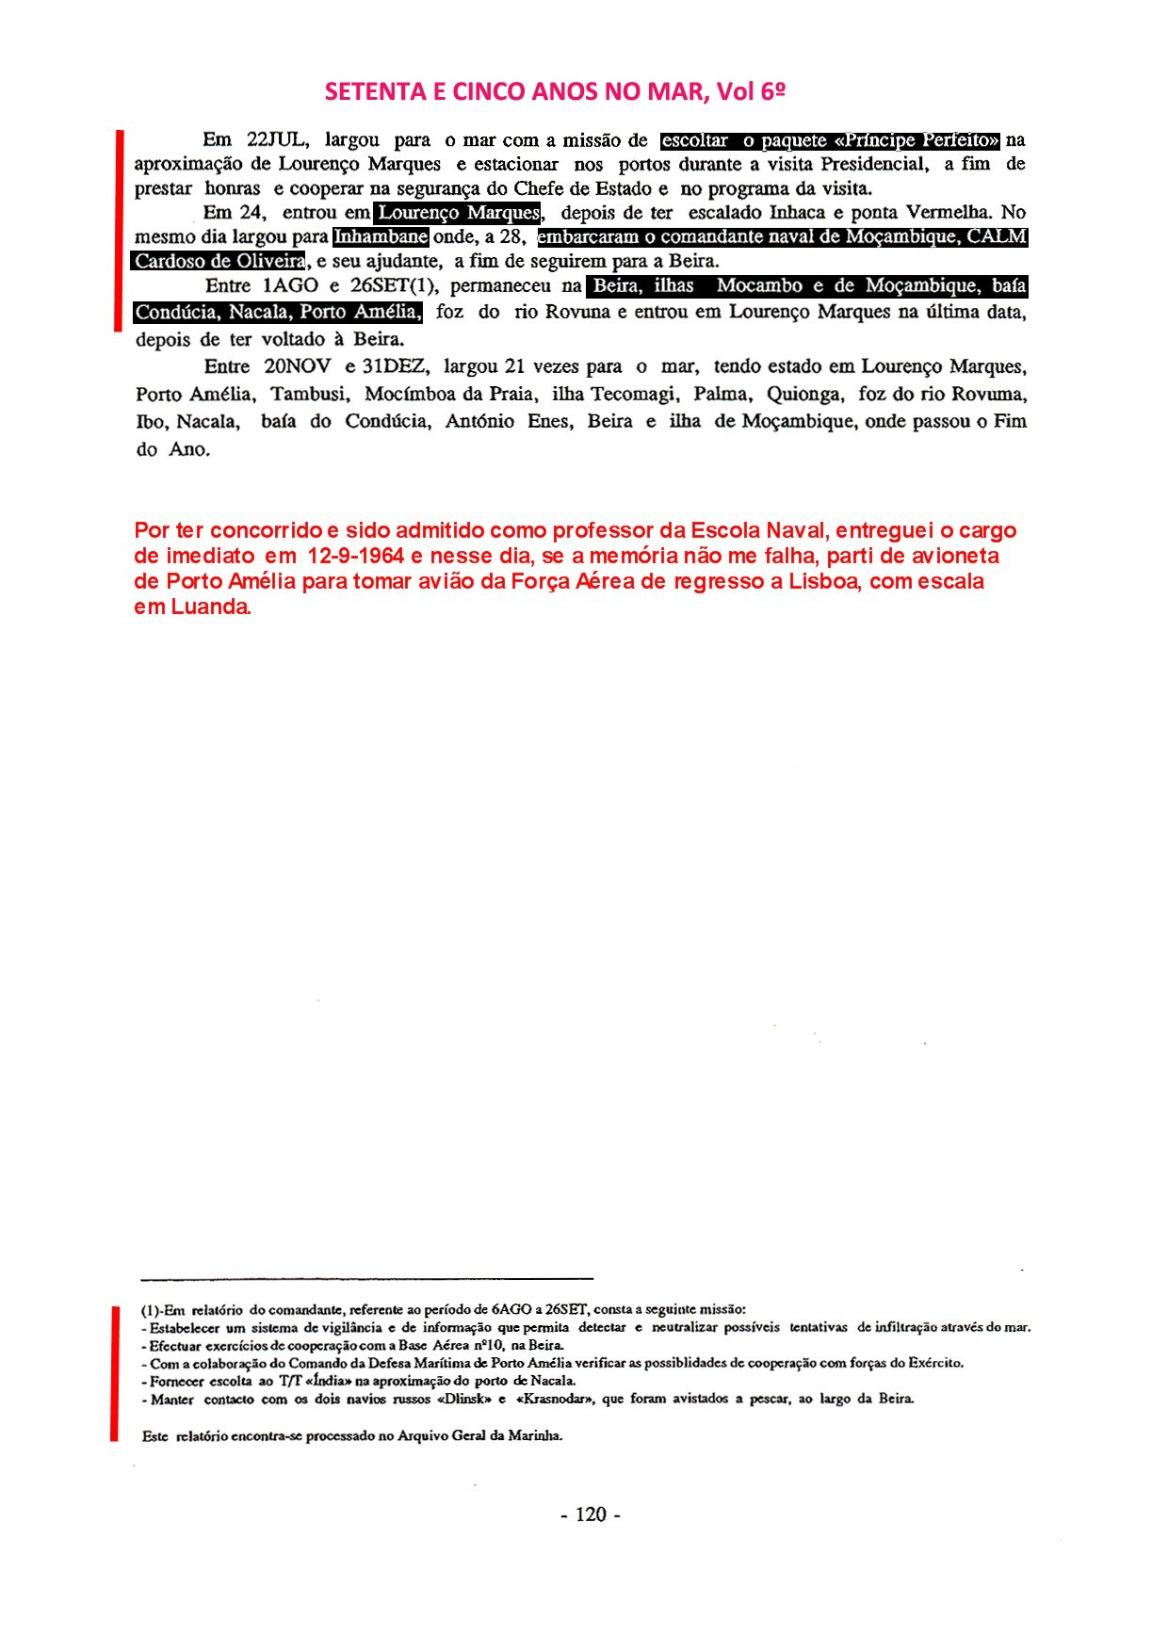 00428 Comissão em Angola e Moçambique como Imediato da FF Pacheco Pereira-Setenta e Cinco Anos no Mar, Vol 6º